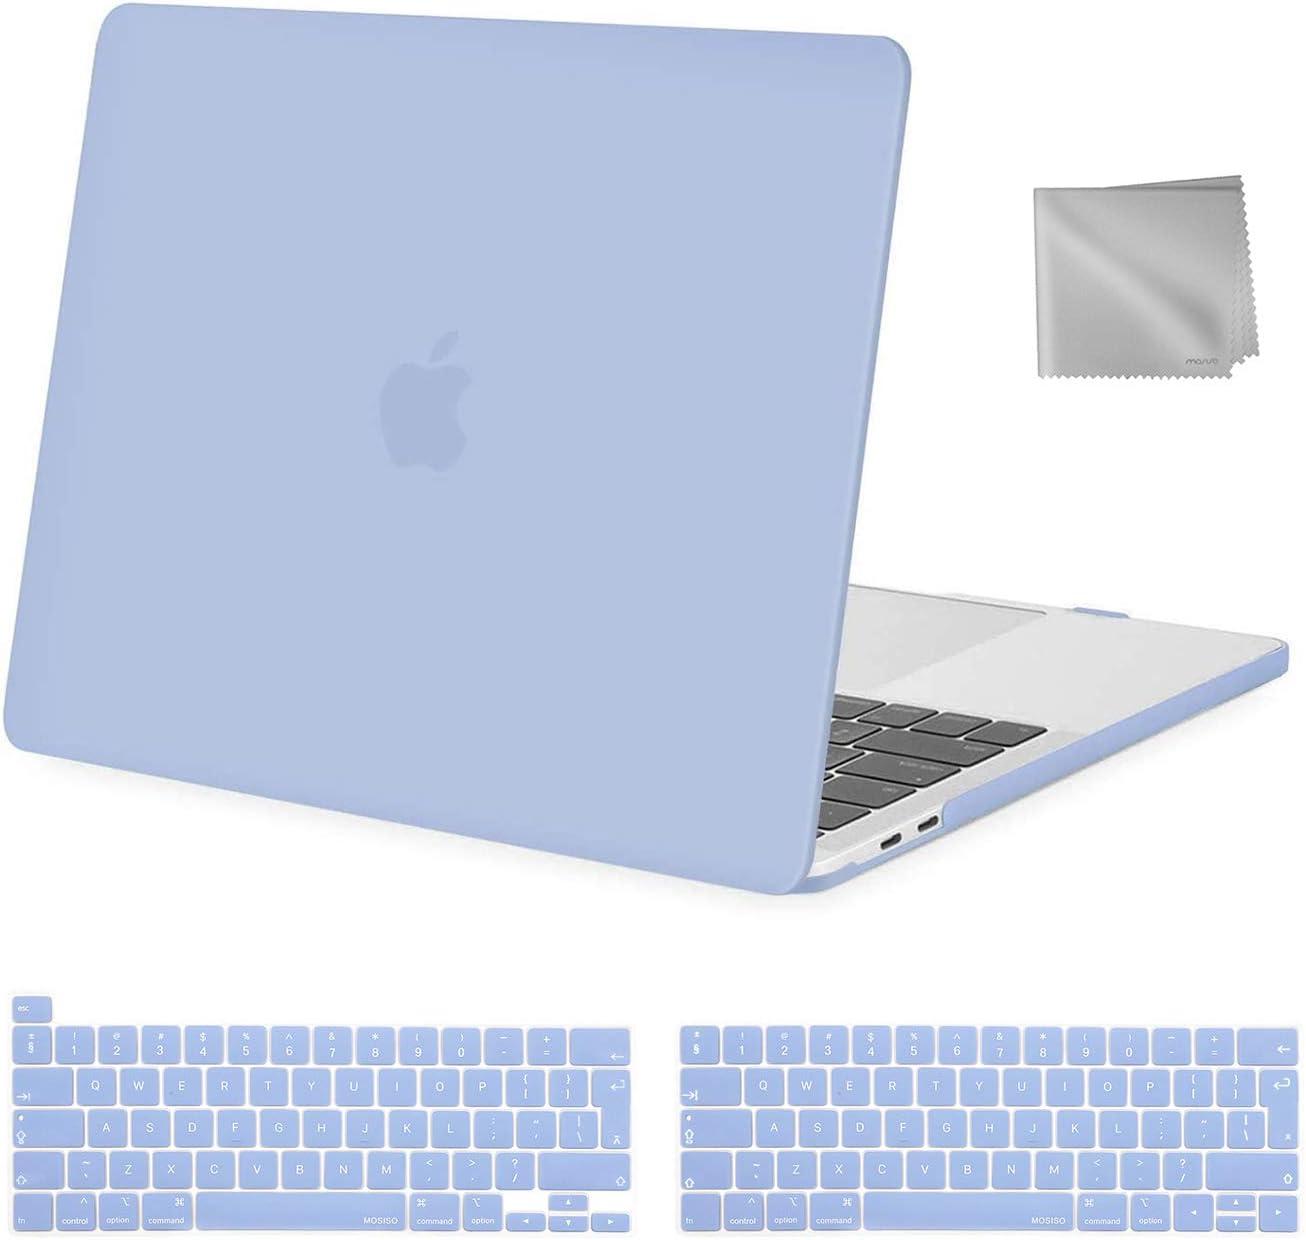 Plastique Coque Rigide/&Protection Clavier/&Essuyer Chiffon Vert Minuit MOSISO Coque Compatible avec MacBook Pro 13 Pouces 2020-2016 Version A2338 M1 A2251 A2289 A2159 A1989 A1706 A1708